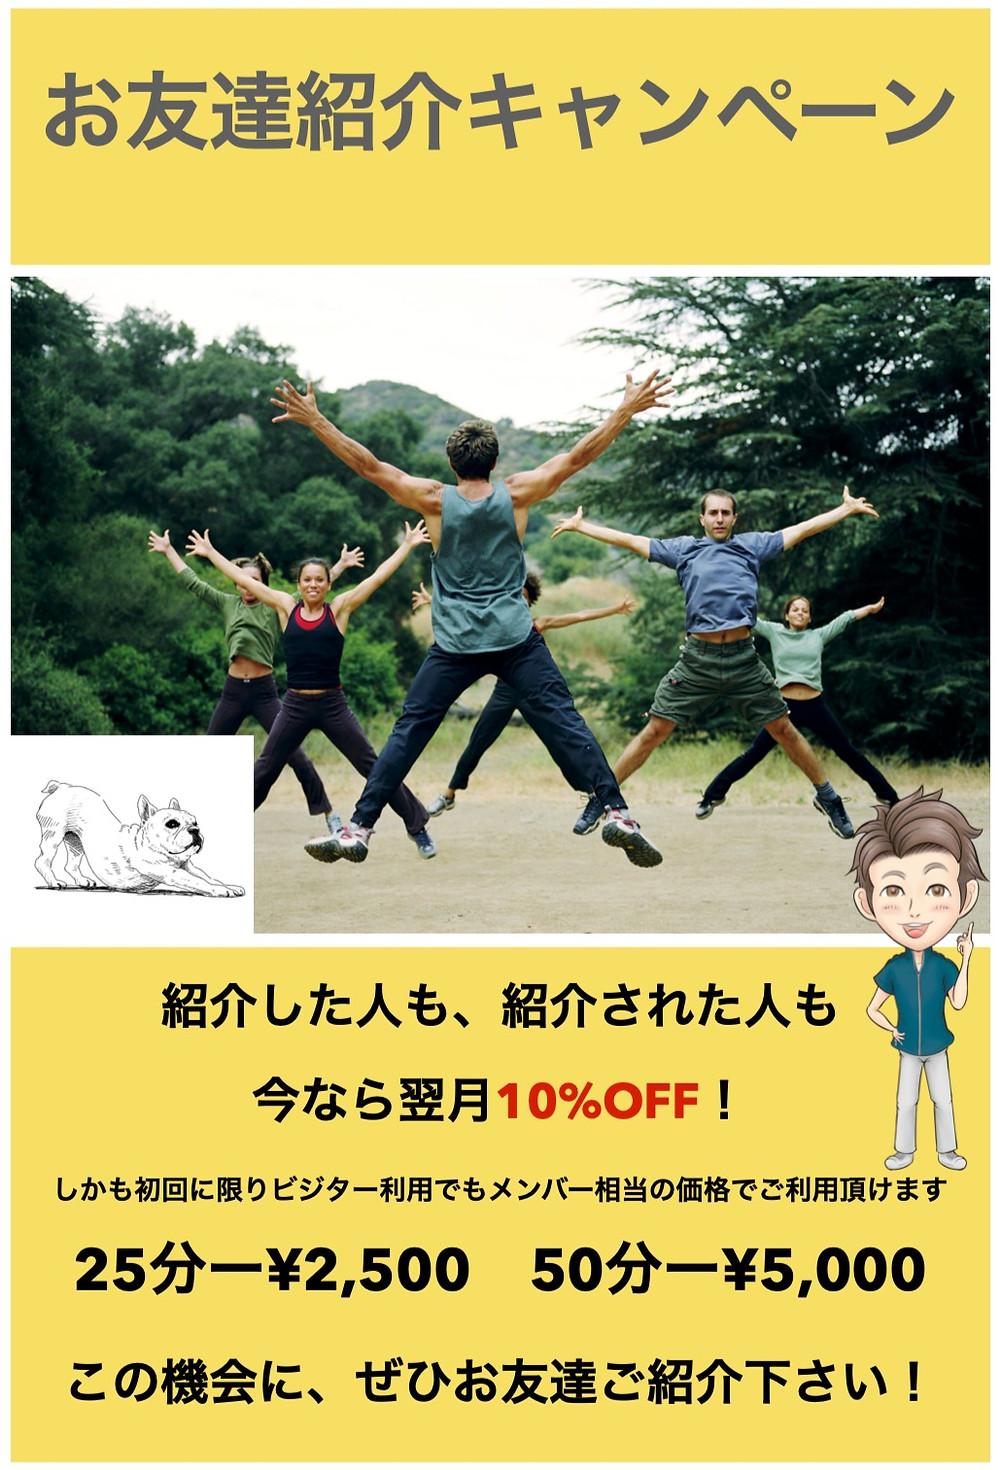 ストレッチ,岐阜県,関市,首こり,肩こり,腰痛,ボイスケア,マッサージ